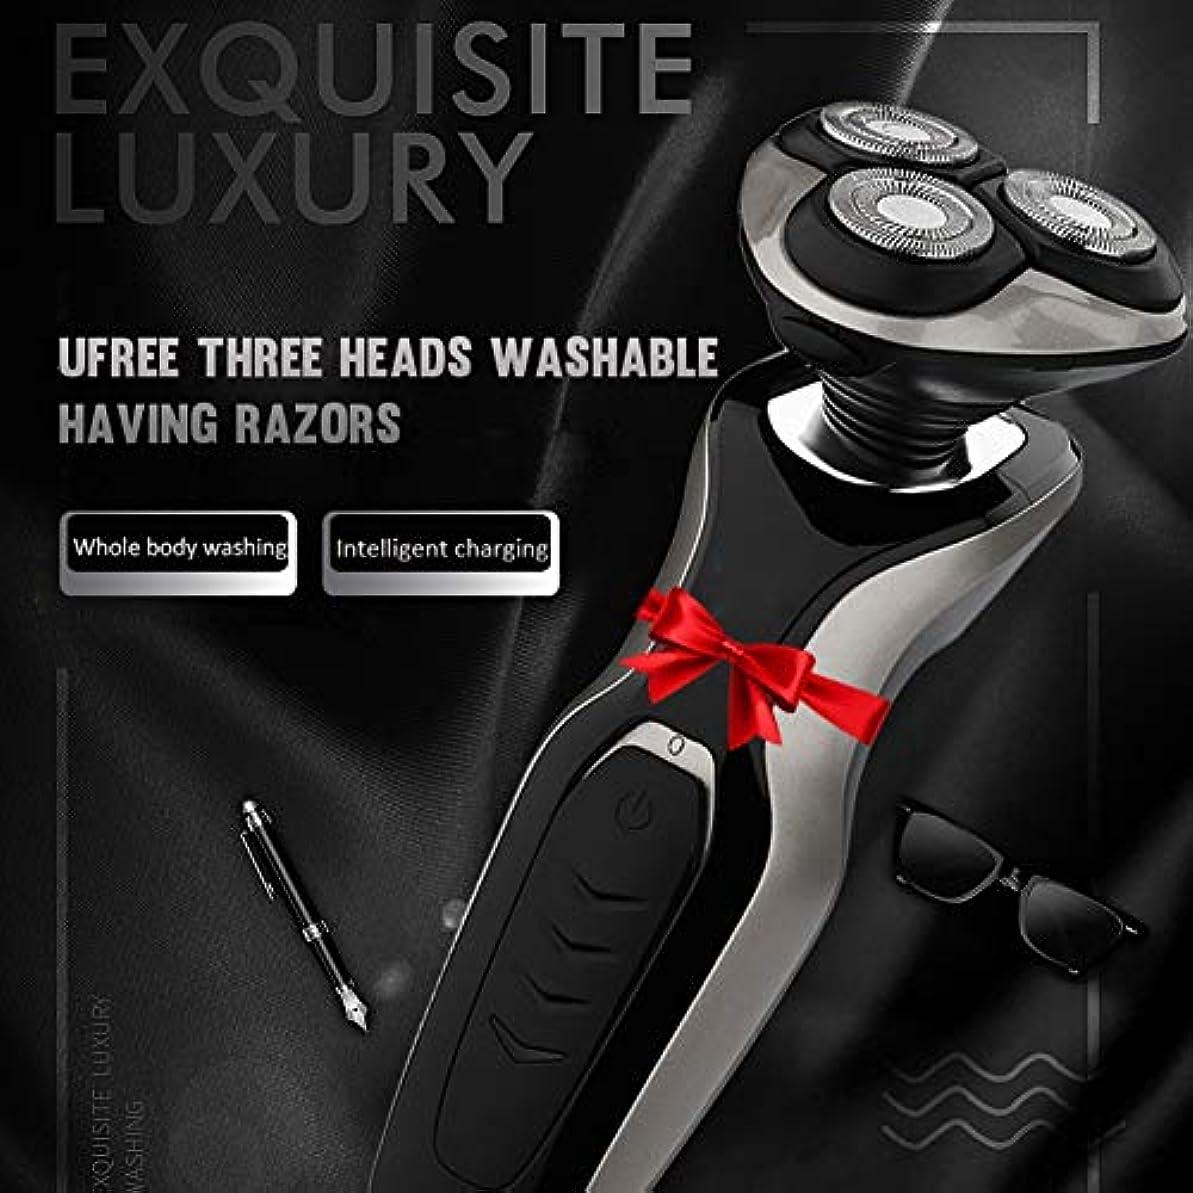 下平等キャプチャー充電式メンズカミソリ3ヘッド電気カミソリ多機能鼻毛カミソリ